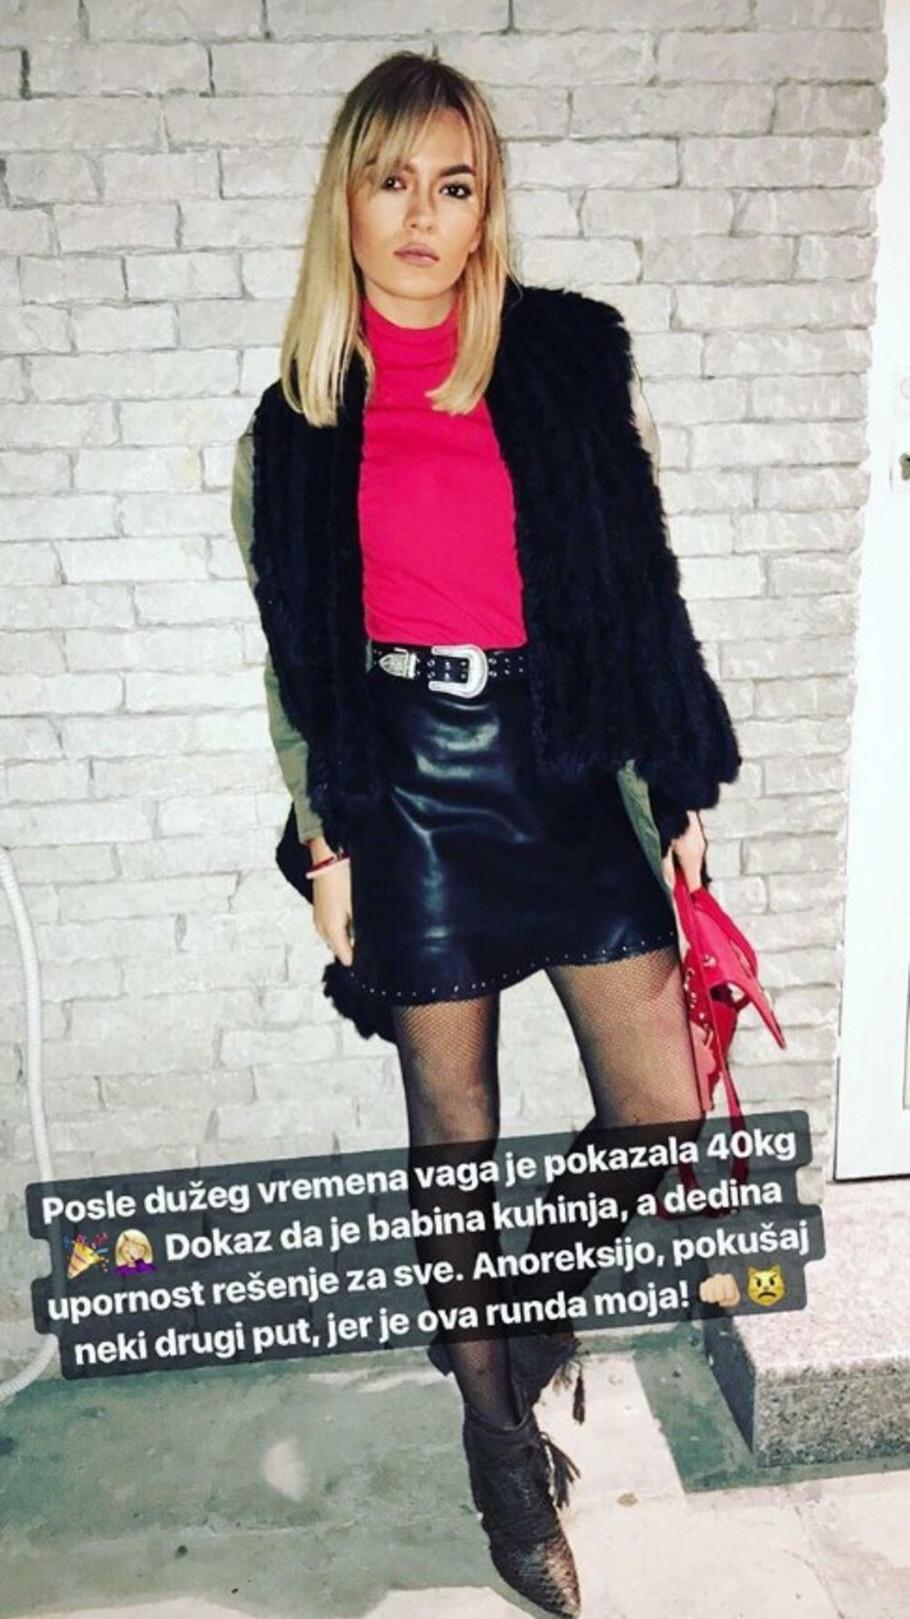 Ksenija Bujišić